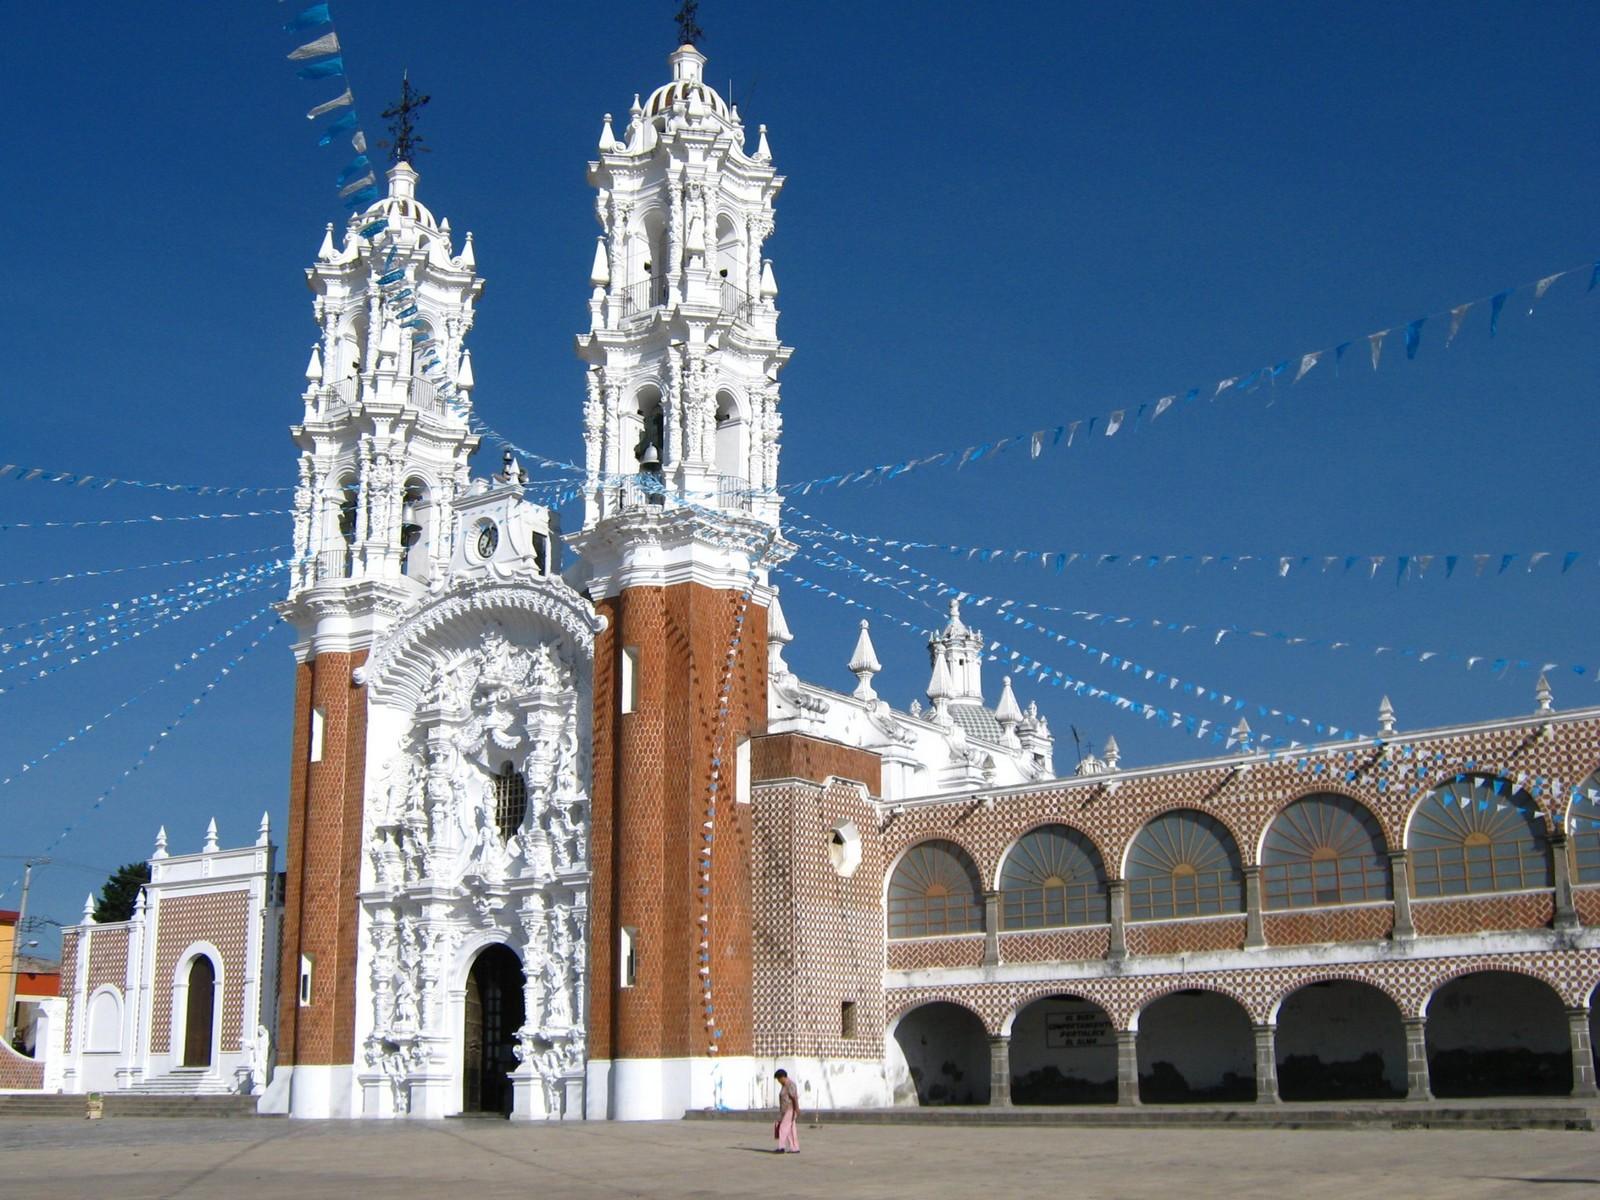 Vista de la fachada del Santuario de la Virgen de Ocotlán